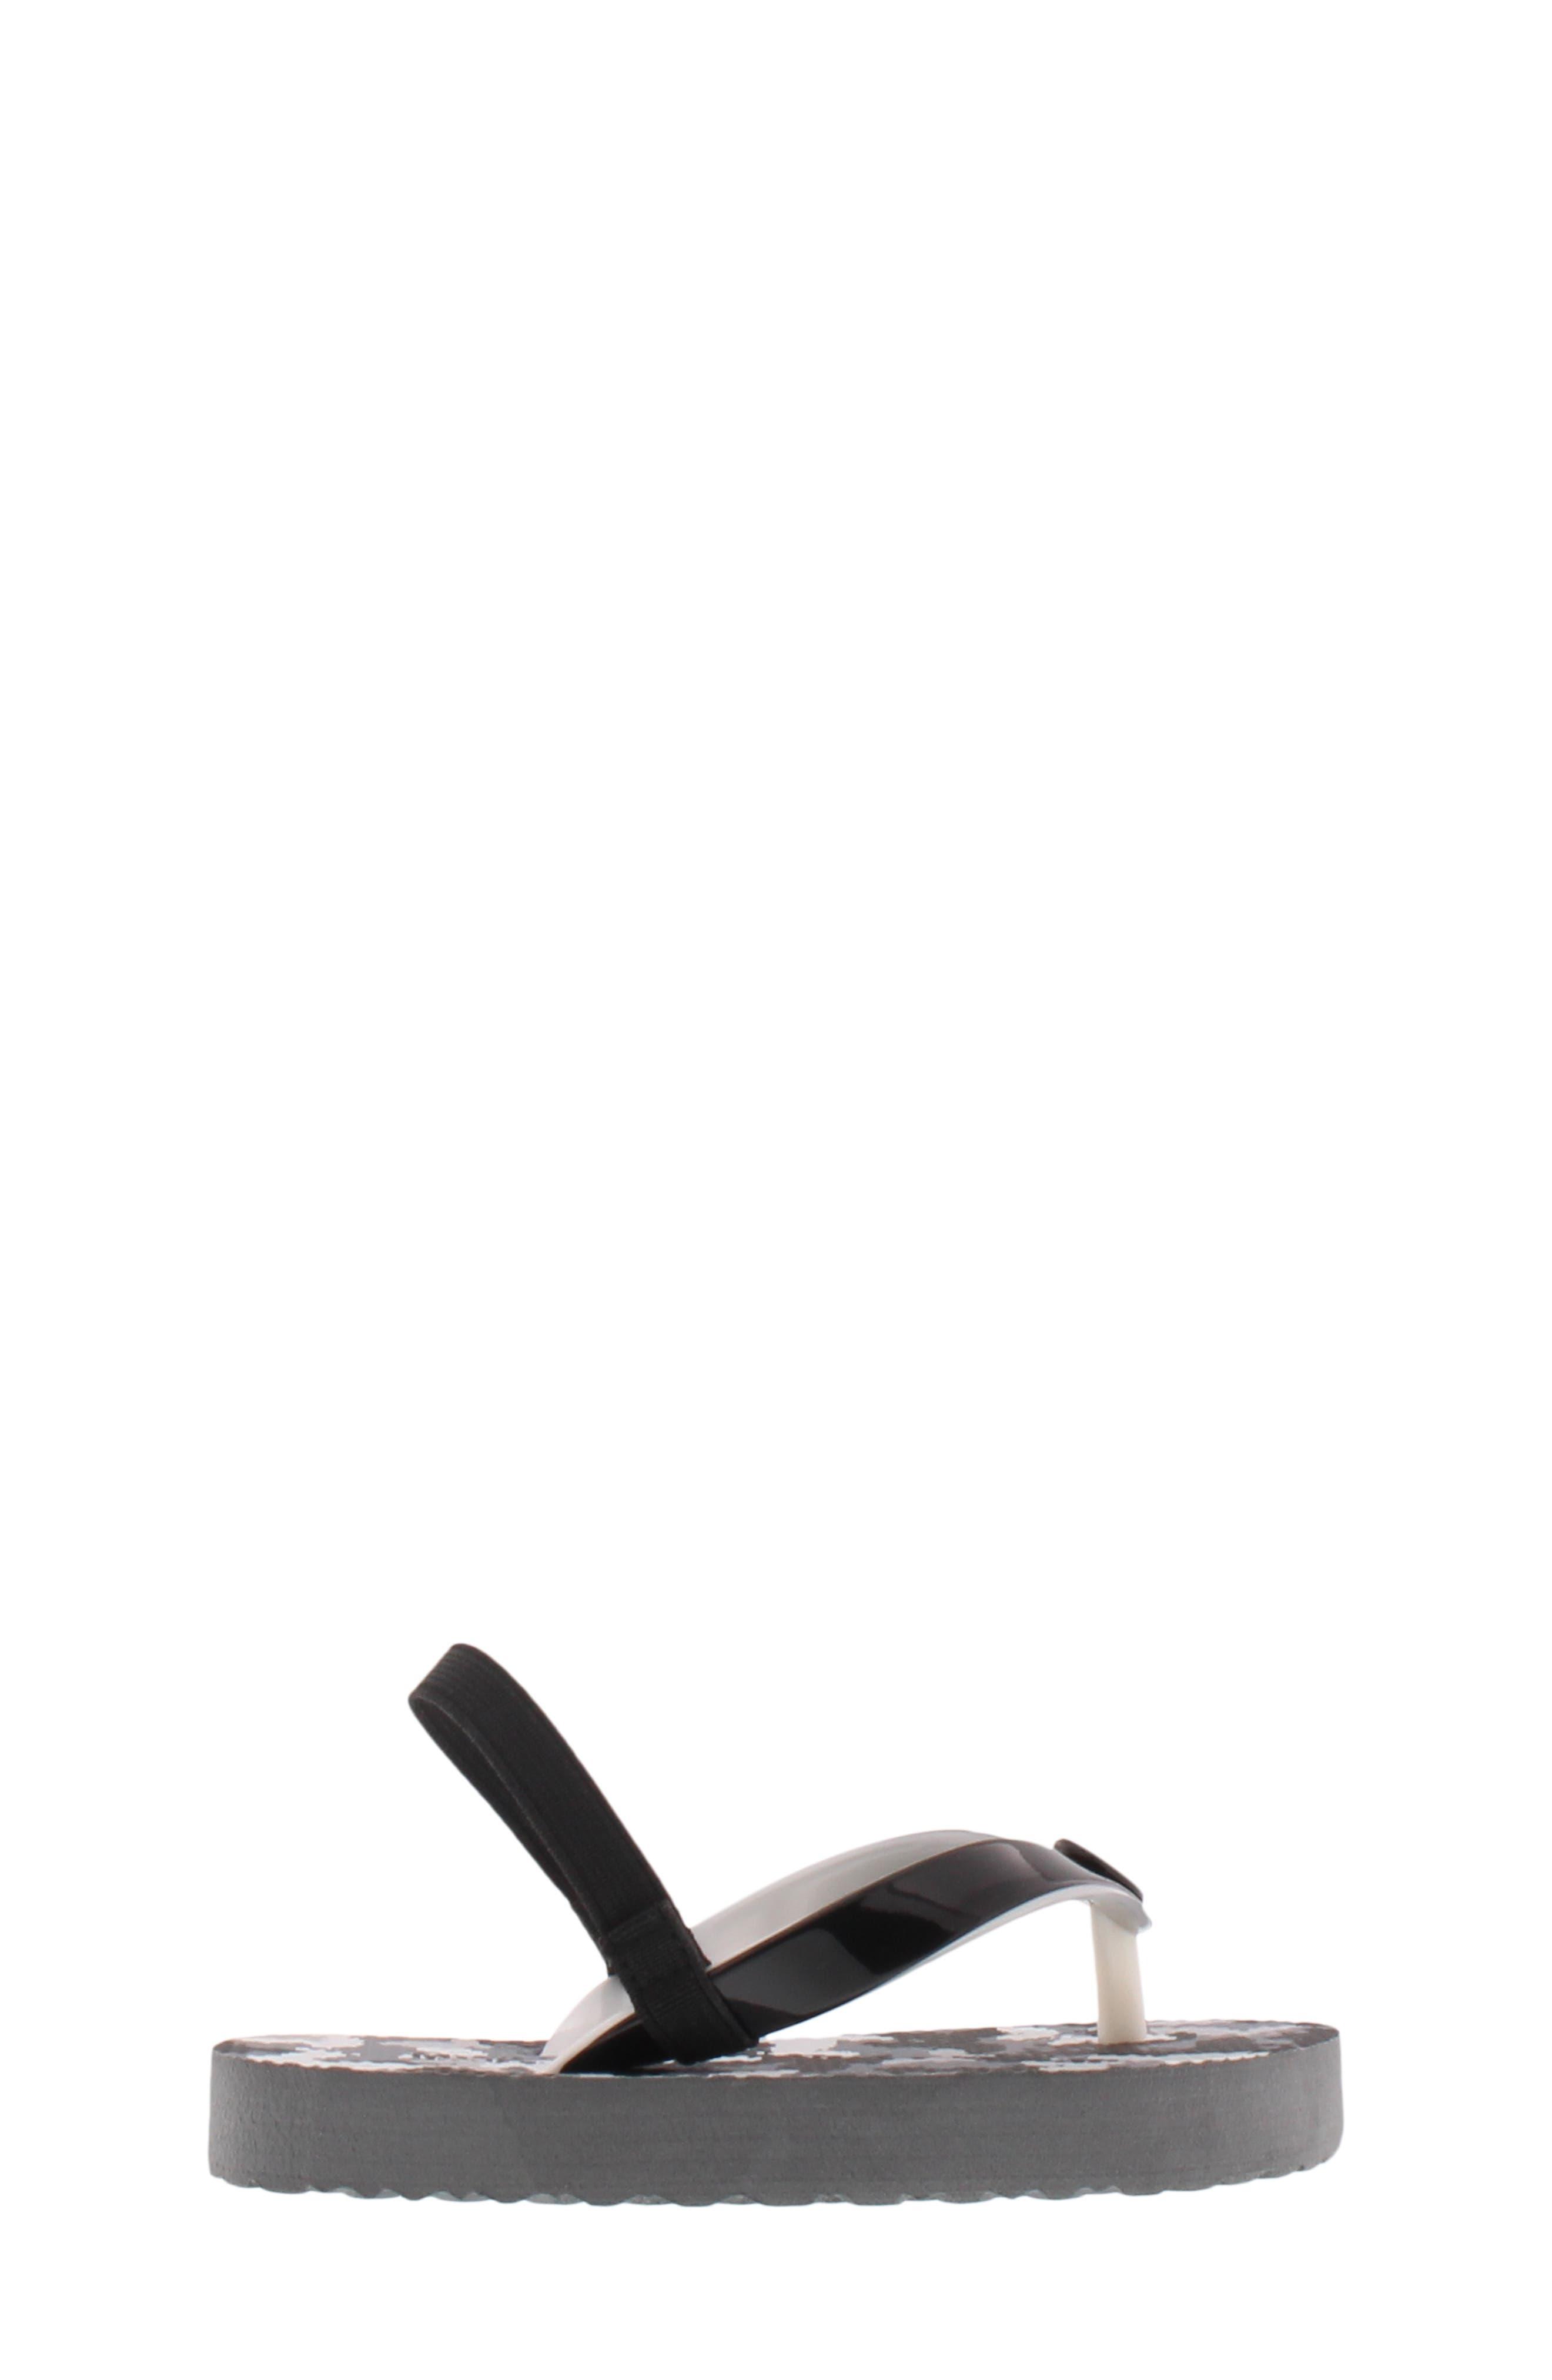 Endine Butterfly Sandal,                             Alternate thumbnail 3, color,                             BLACK GREY